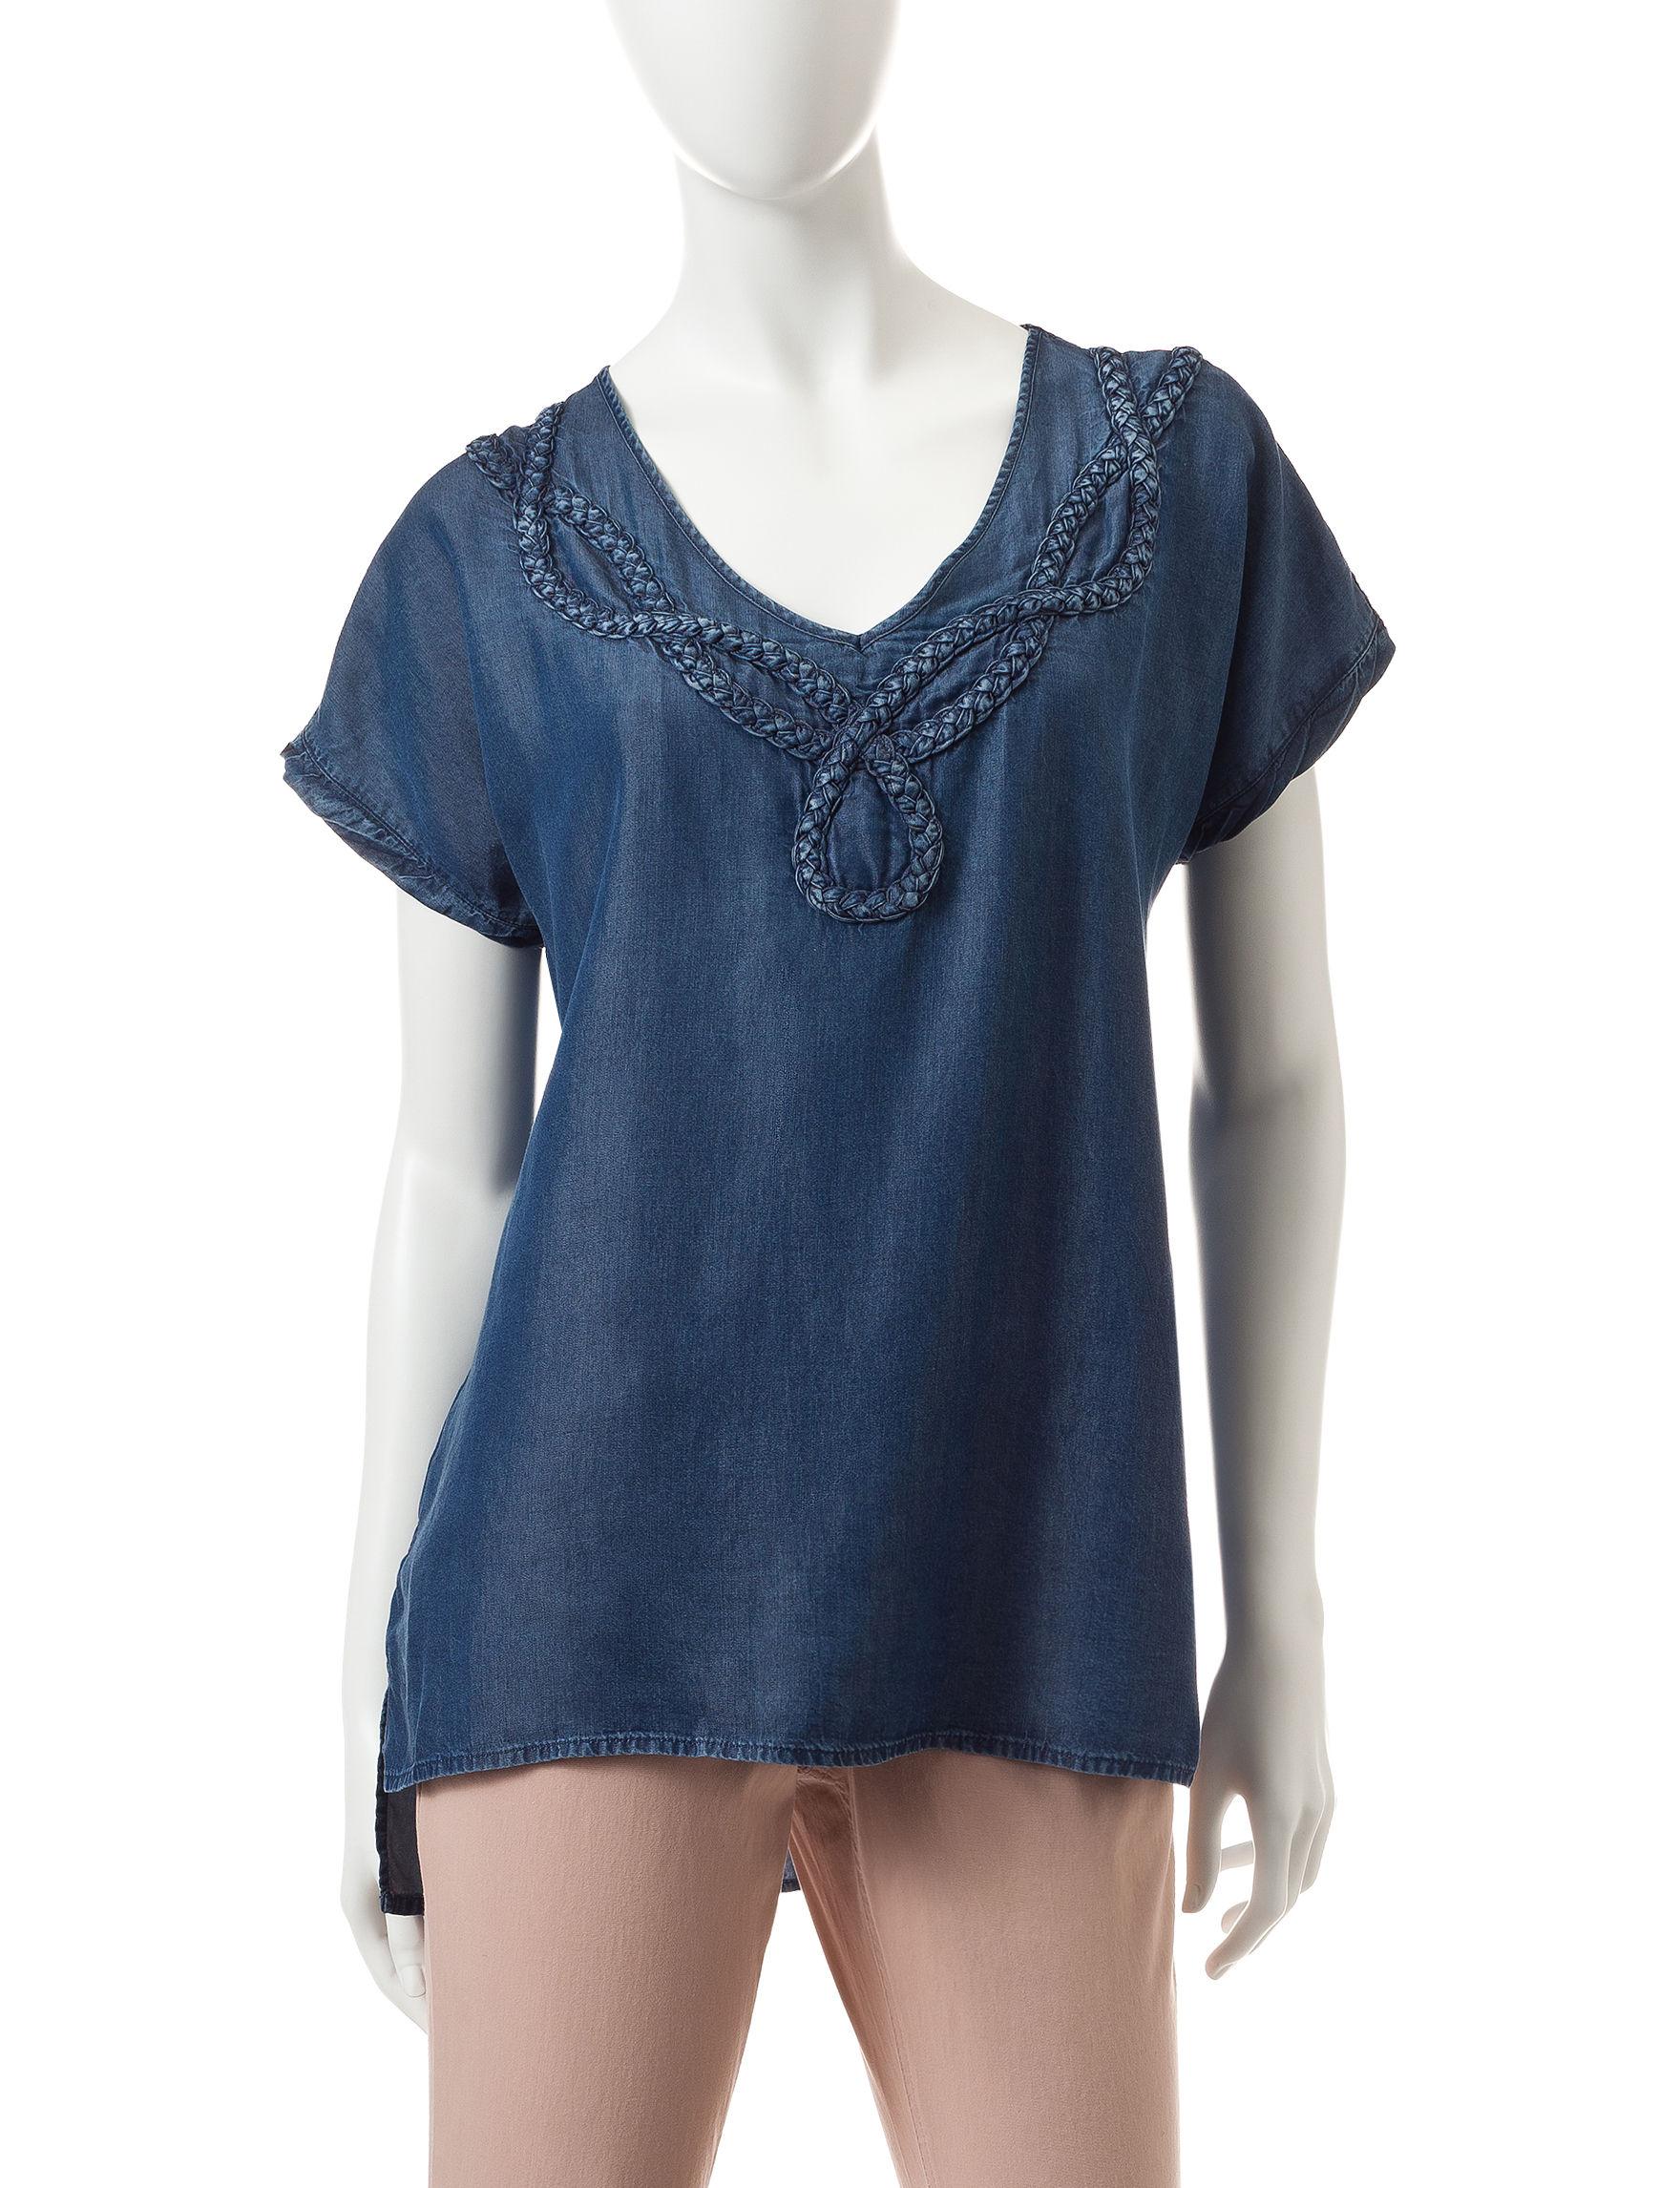 Nine West Jeans Blue Shirts & Blouses